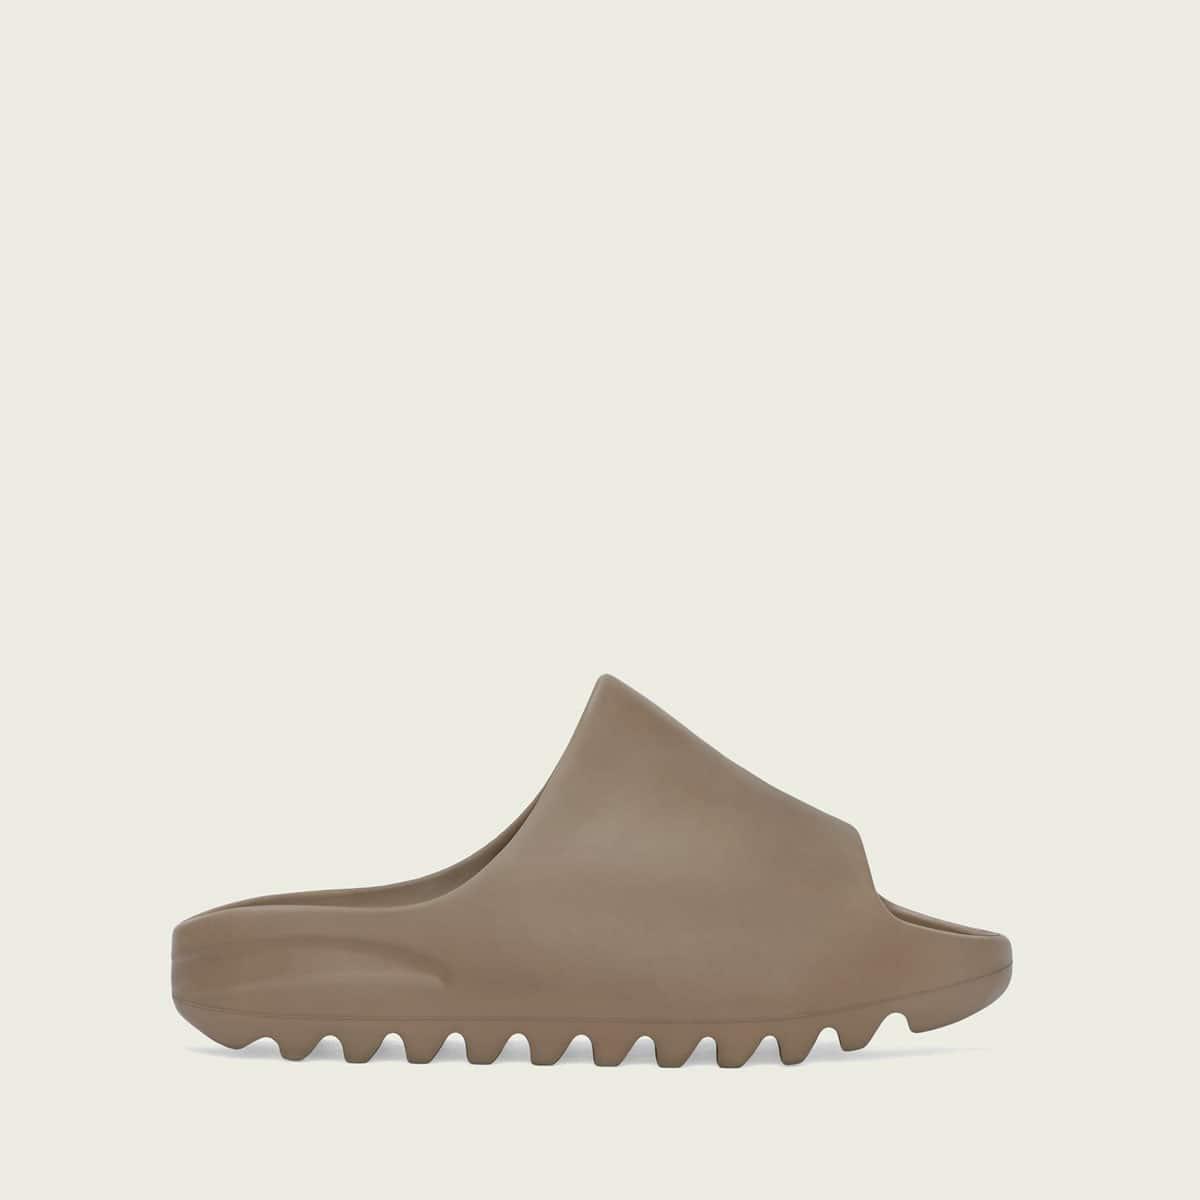 """adidas YEEZY SLIDE KIDS""""EARTH BROWN"""" BROWN/EARTH BROWN/EARTH BROWN 20SS-S_photo_large"""